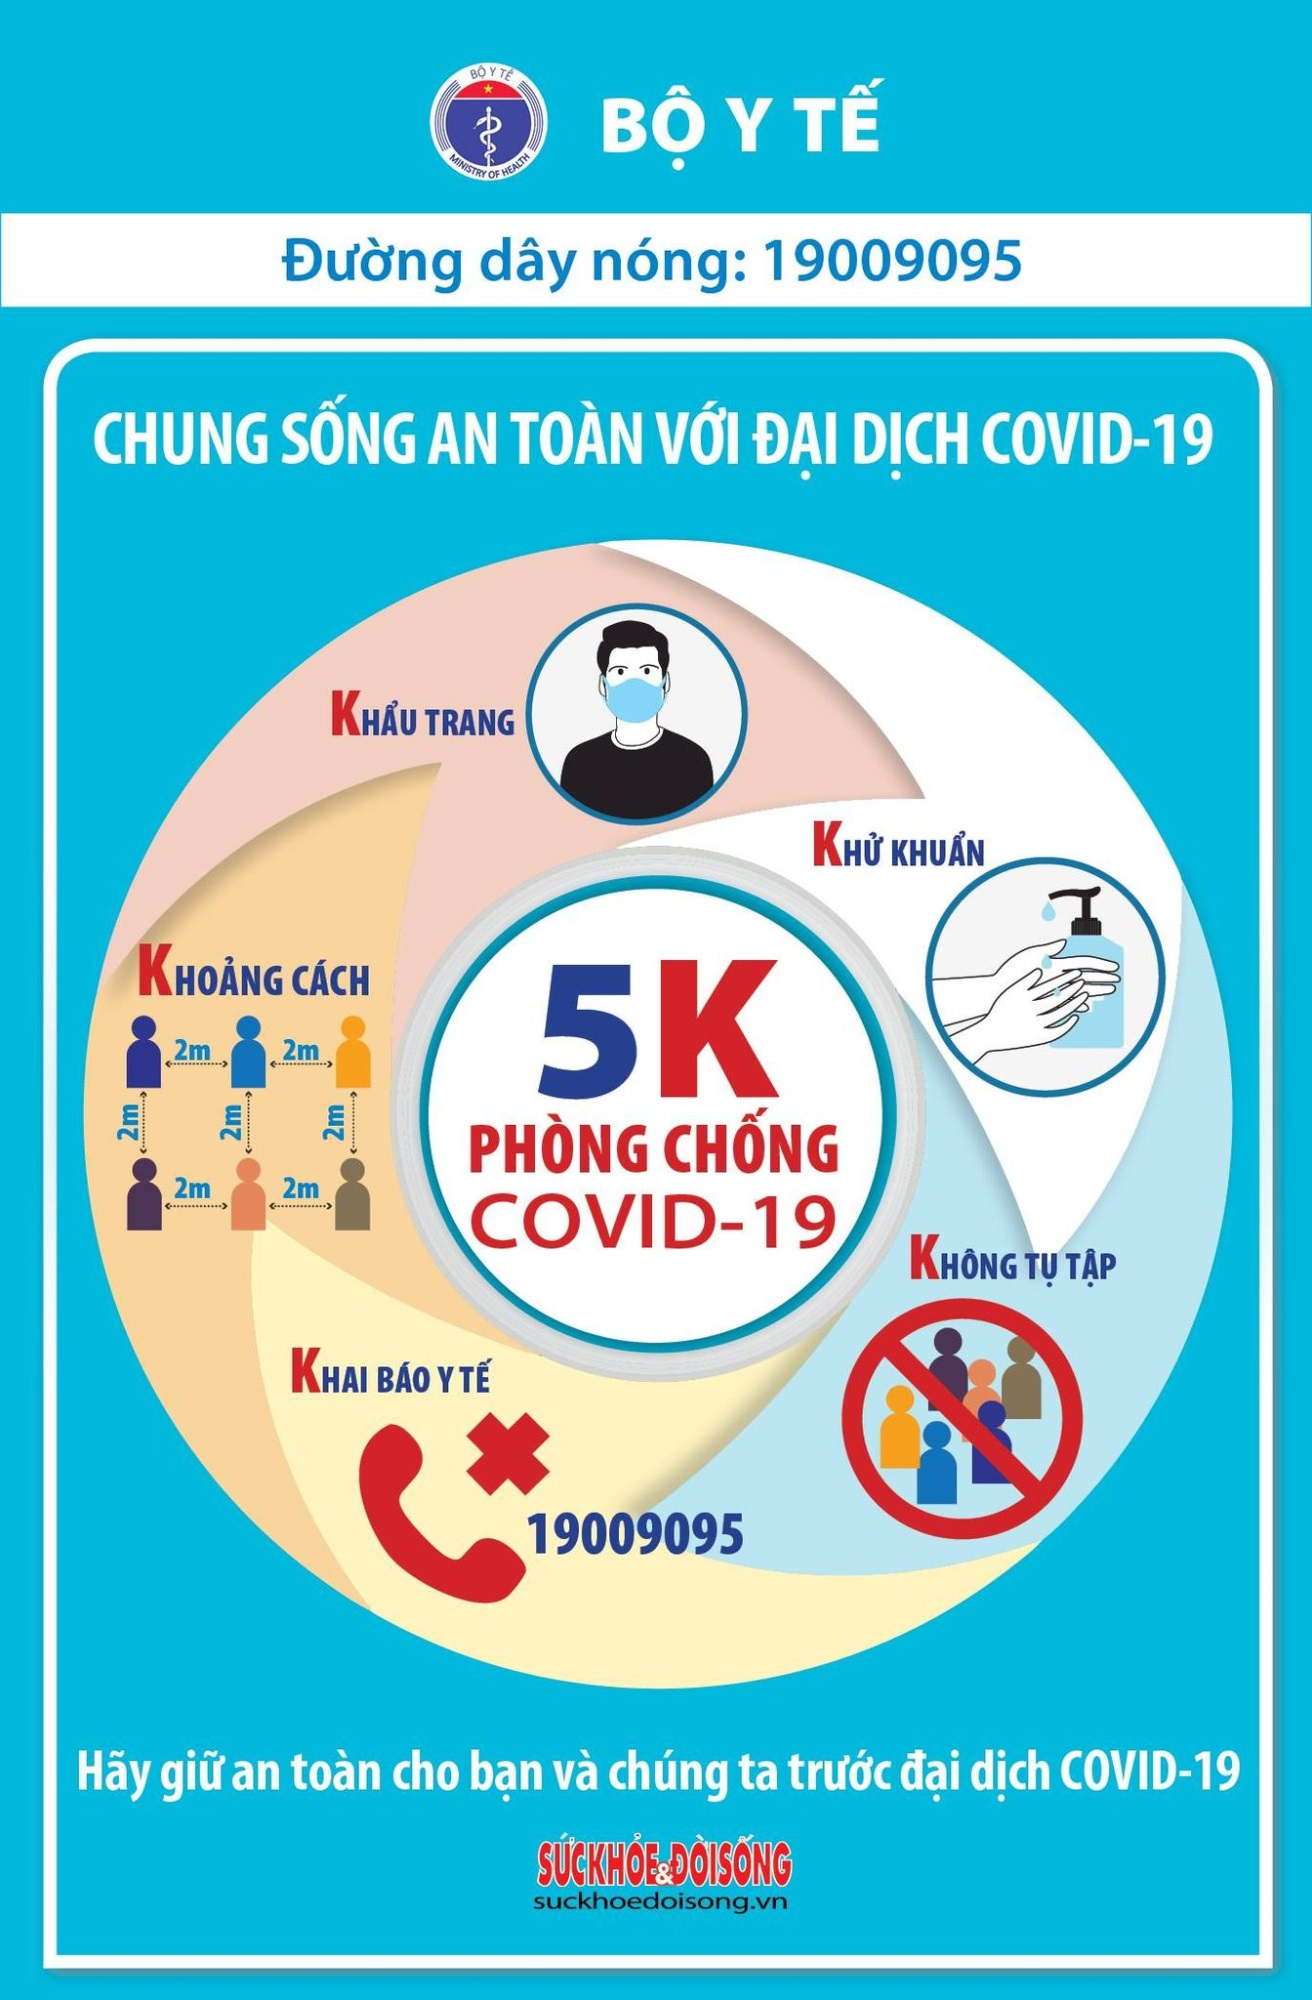 Sáng 4/5: Bộ Y tế công bố chính thức 2 ca mắc COVID-19 trong nước tại Hà Nội và Đà Nẵng - Ảnh 2